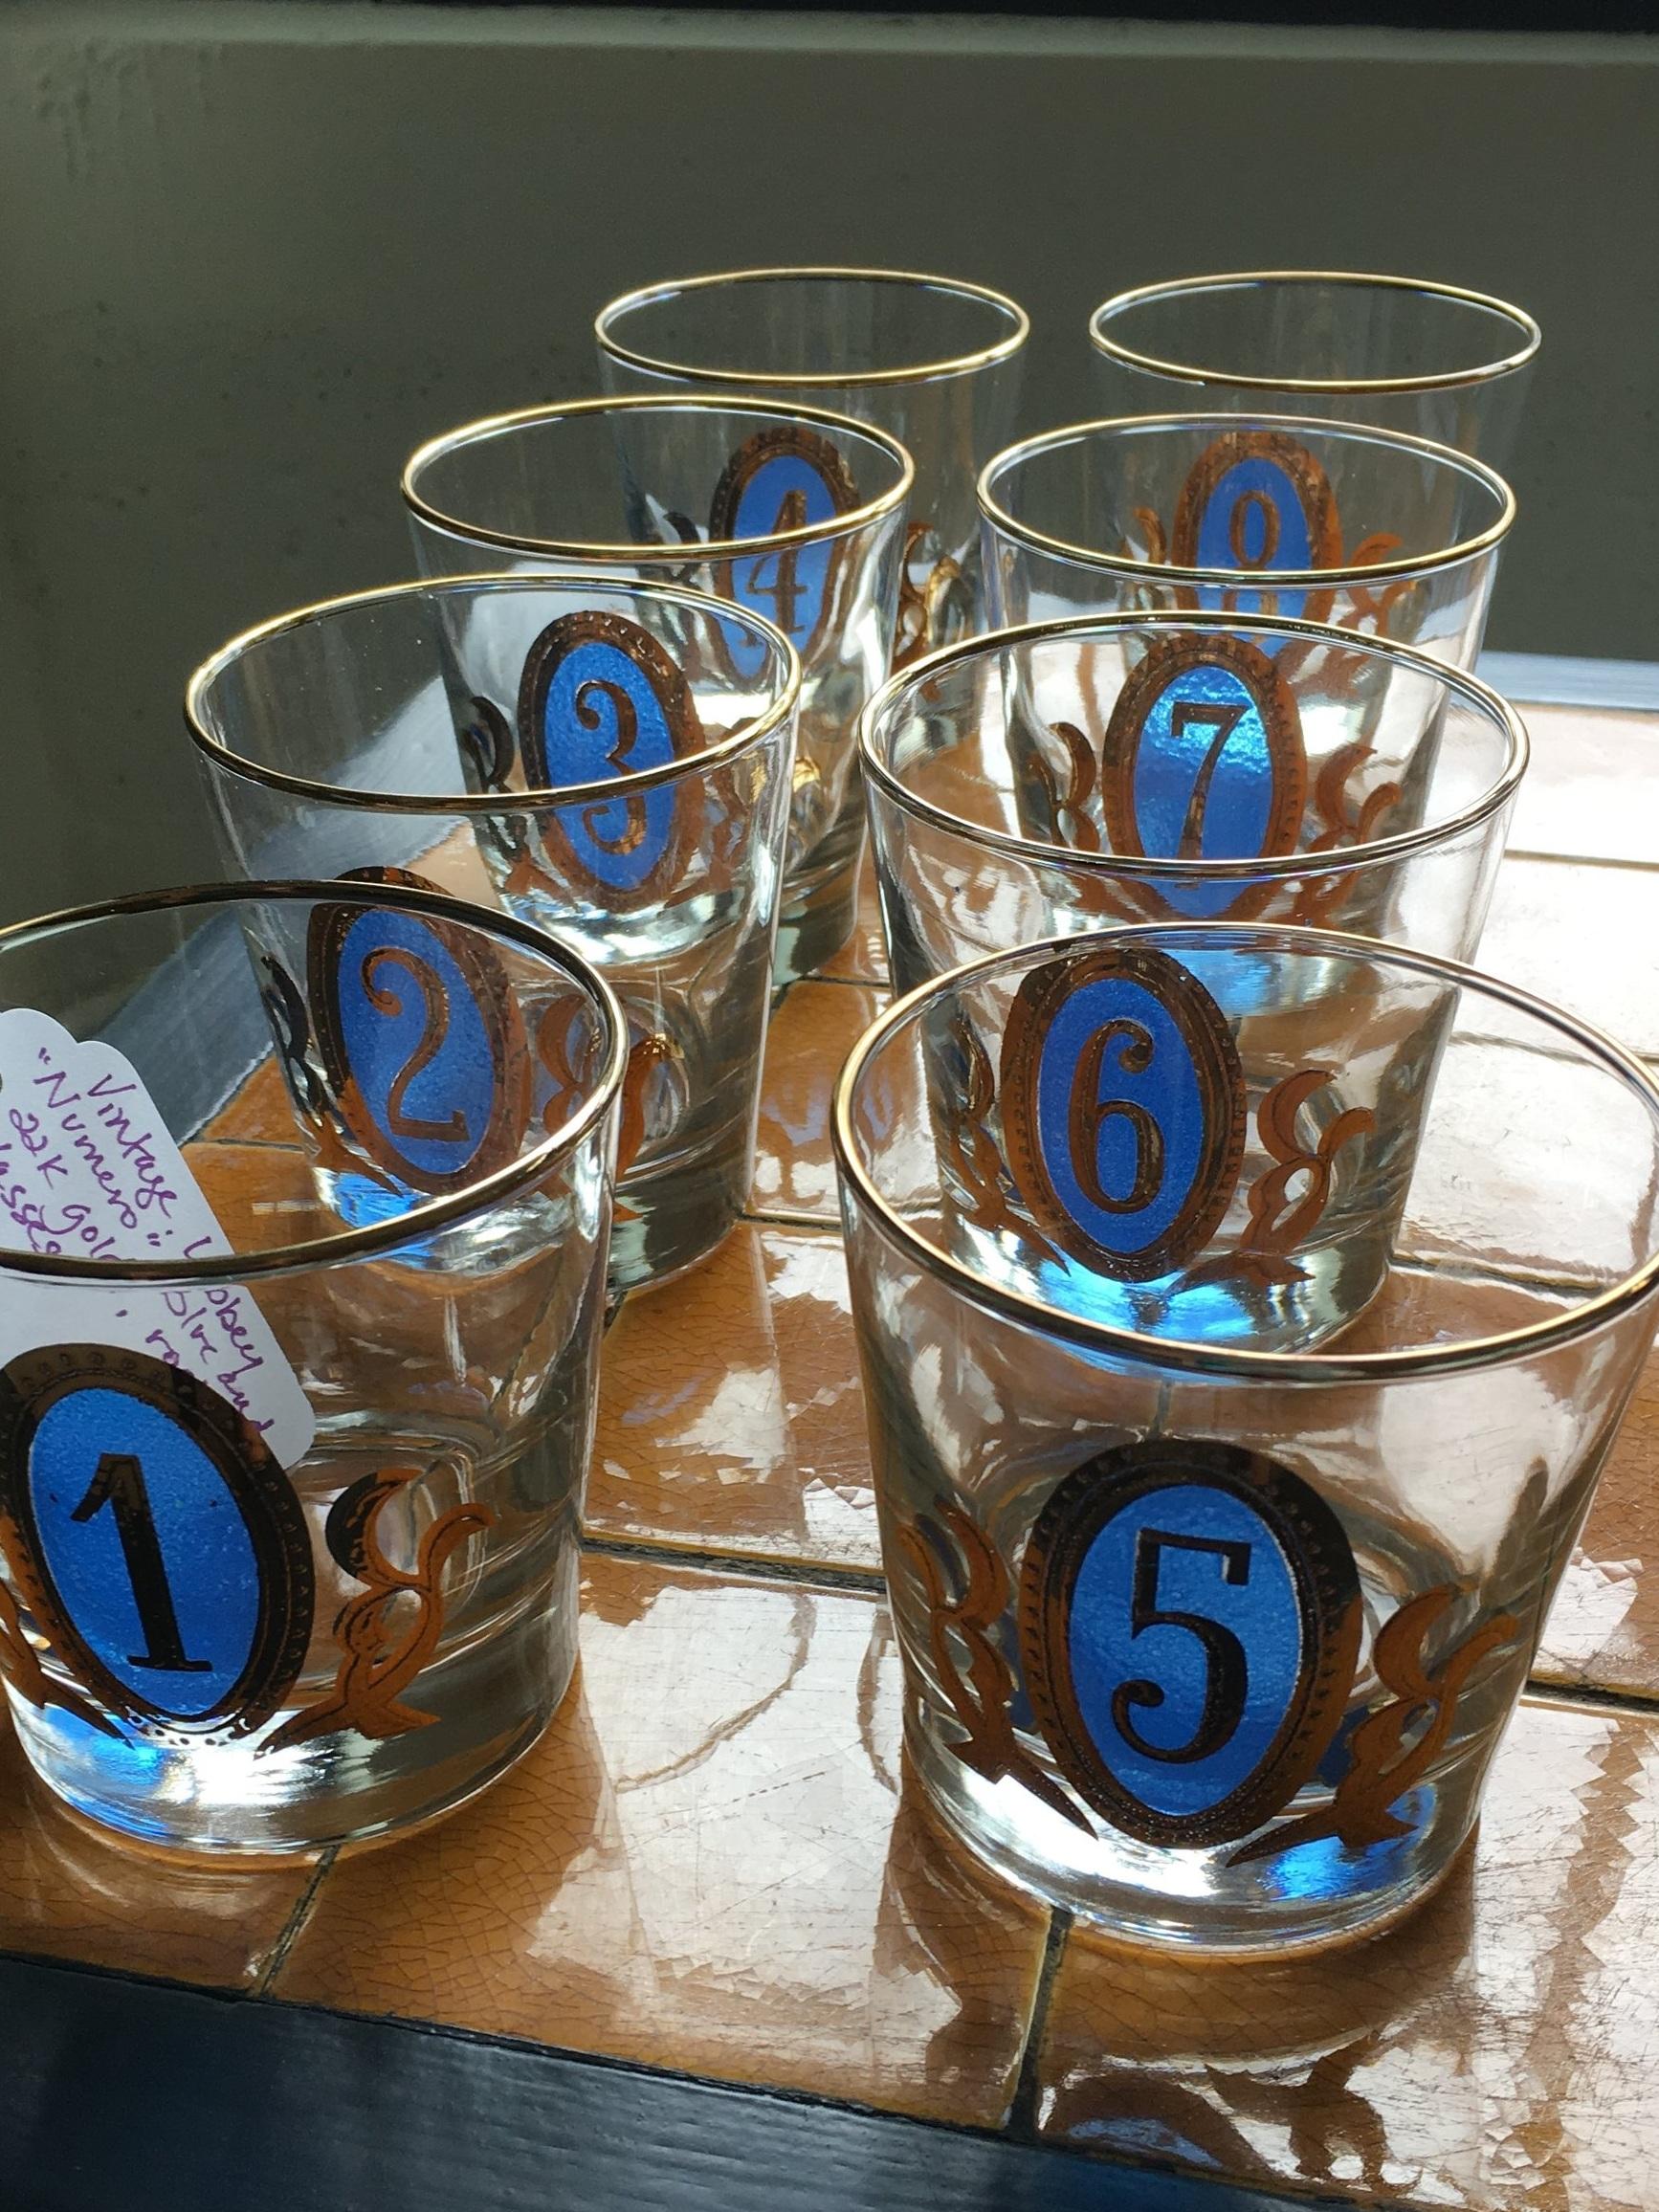 Numbered barware glasses